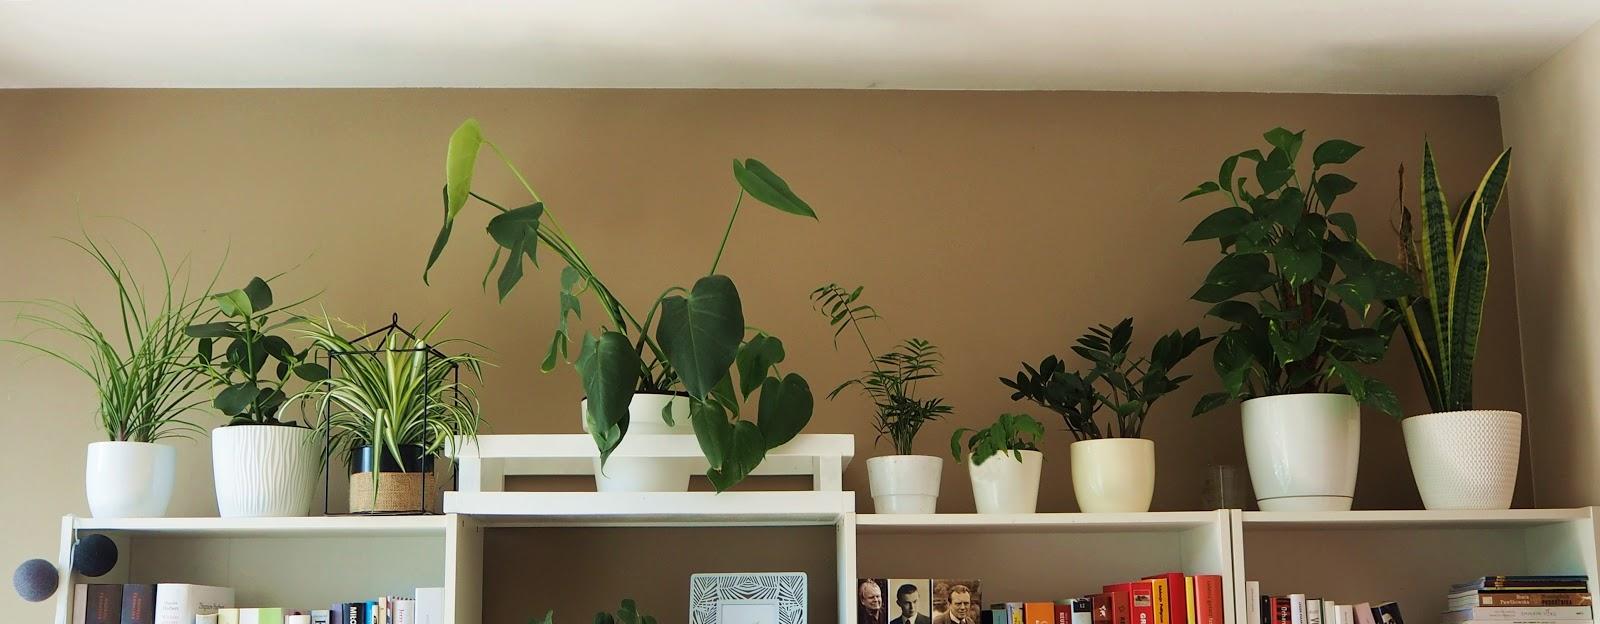 jakie rośliny do domu